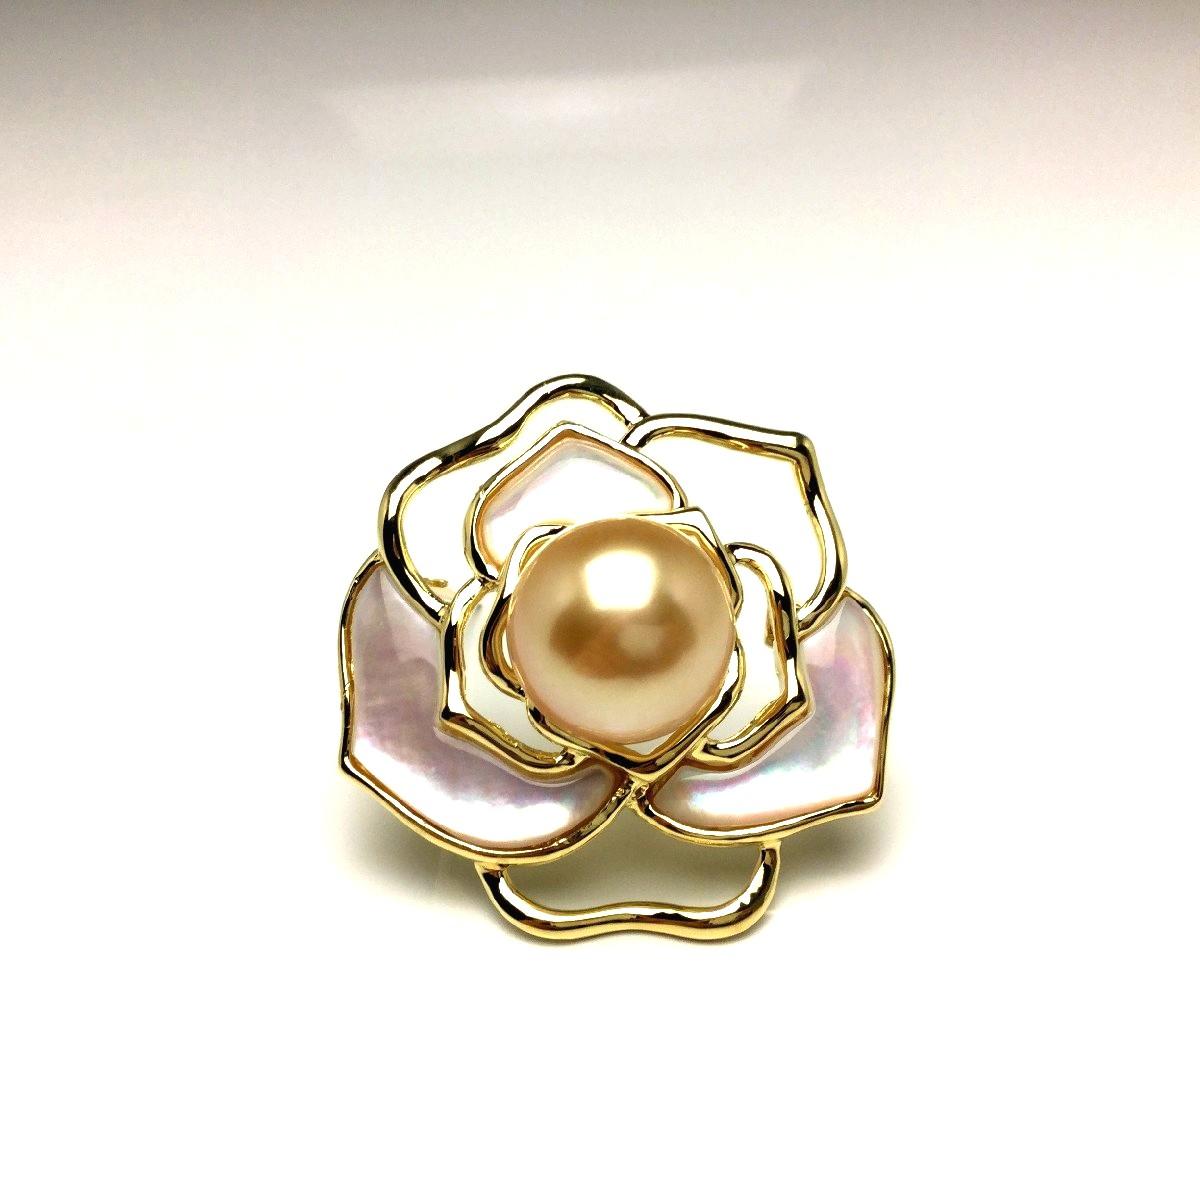 真珠 ブローチ パール 白蝶真珠 13.67mm ゴールド(ナチュラル) シルバー シェル 植物 フラワー 66614 イソワパール